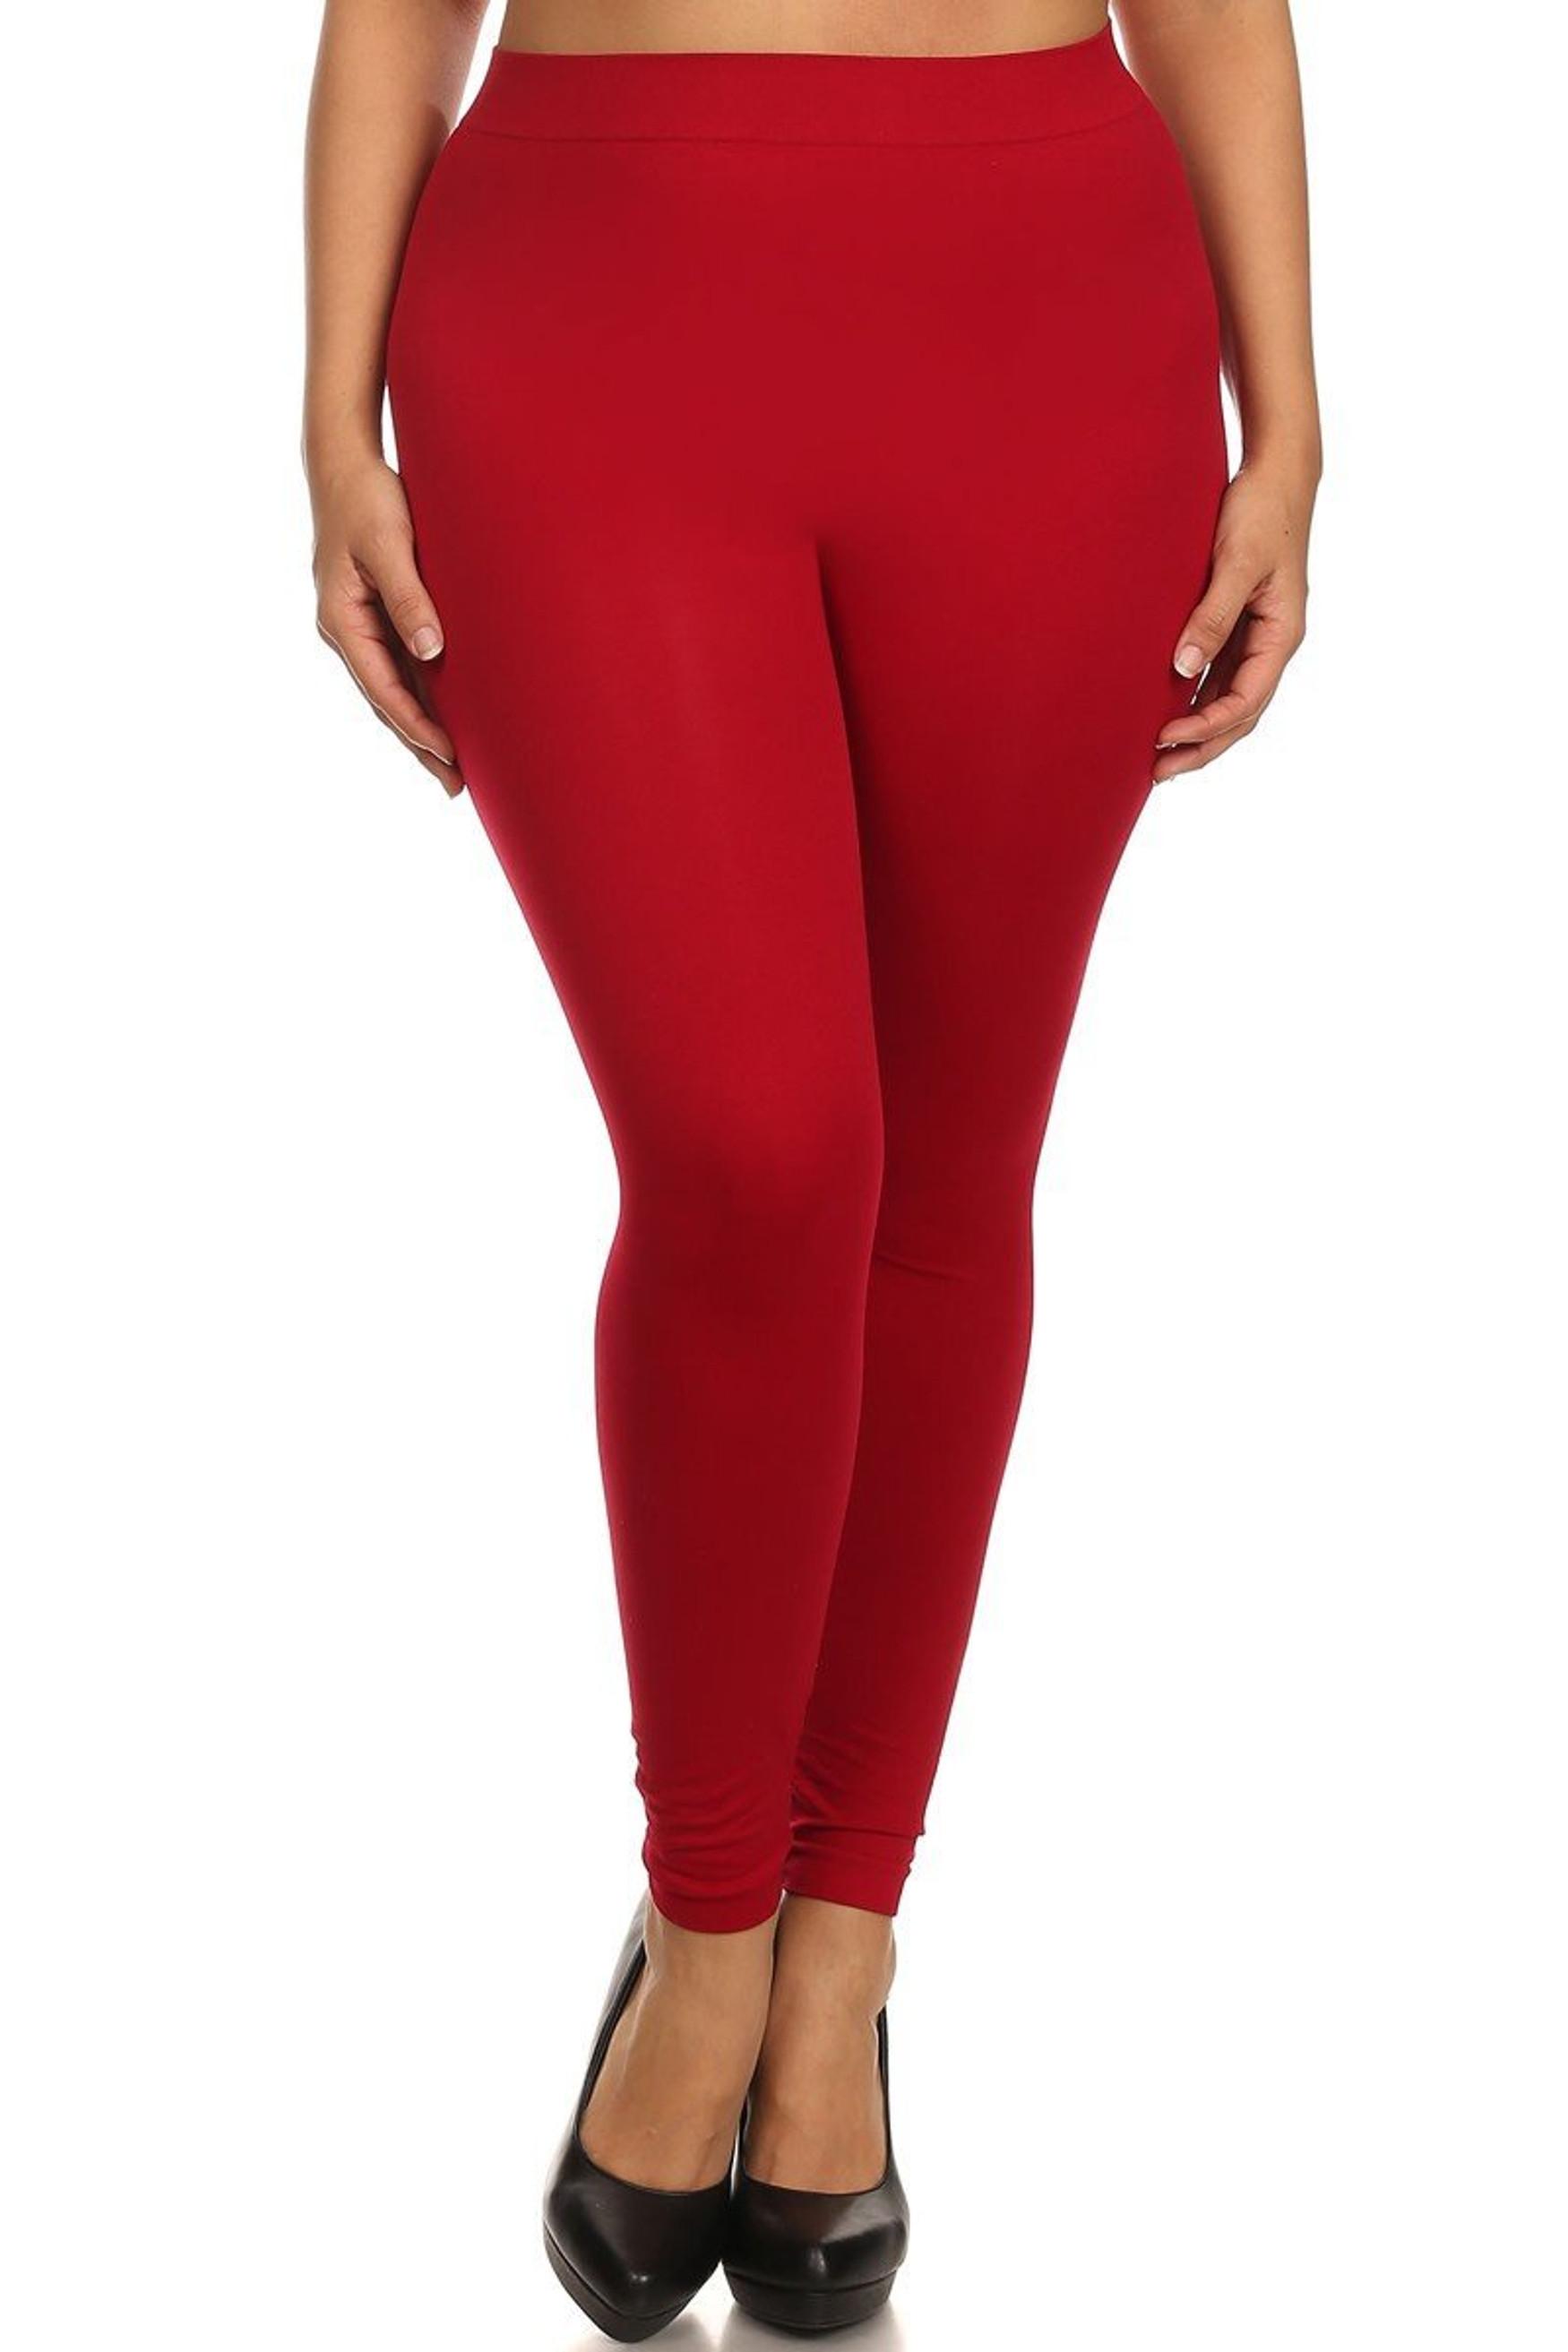 Red Full Length Nylon Spandex Leggings - Plus Size